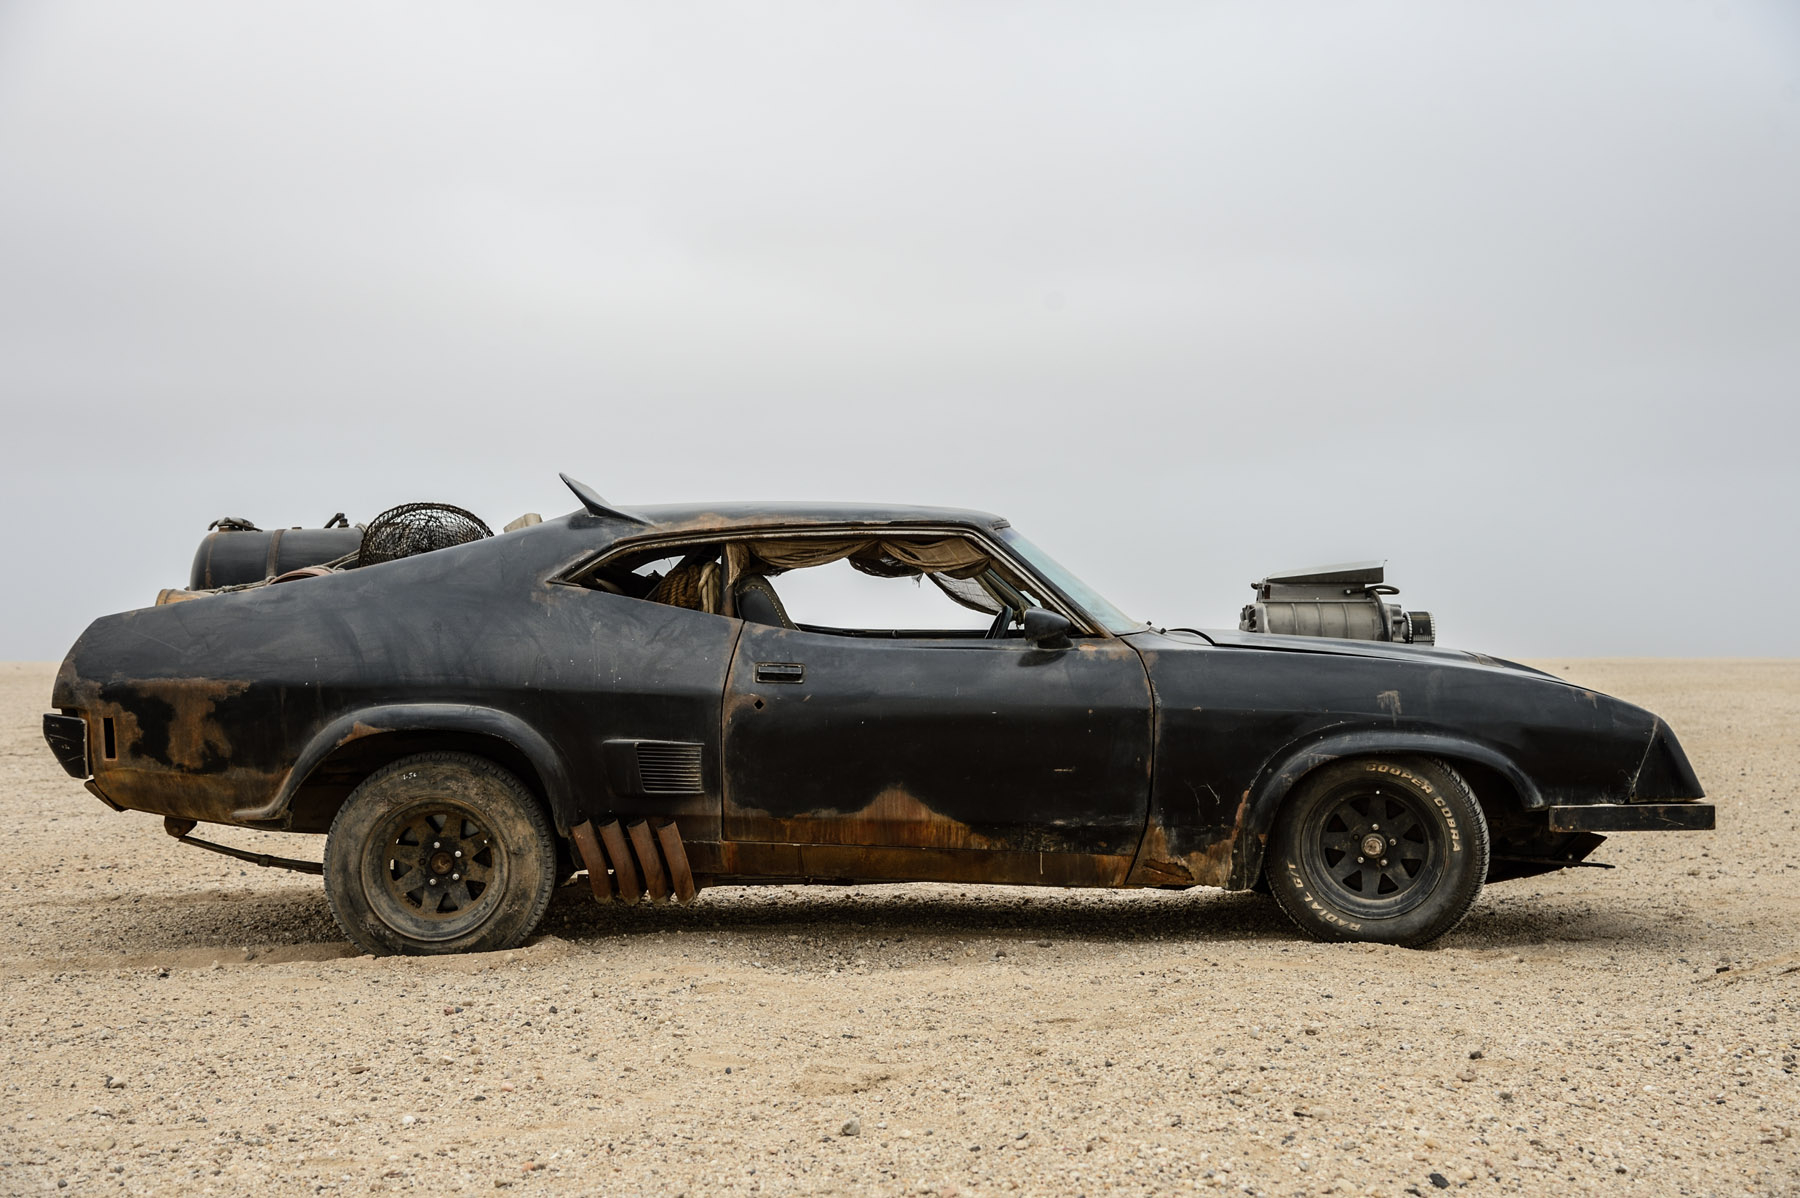 Car-madmax-78b